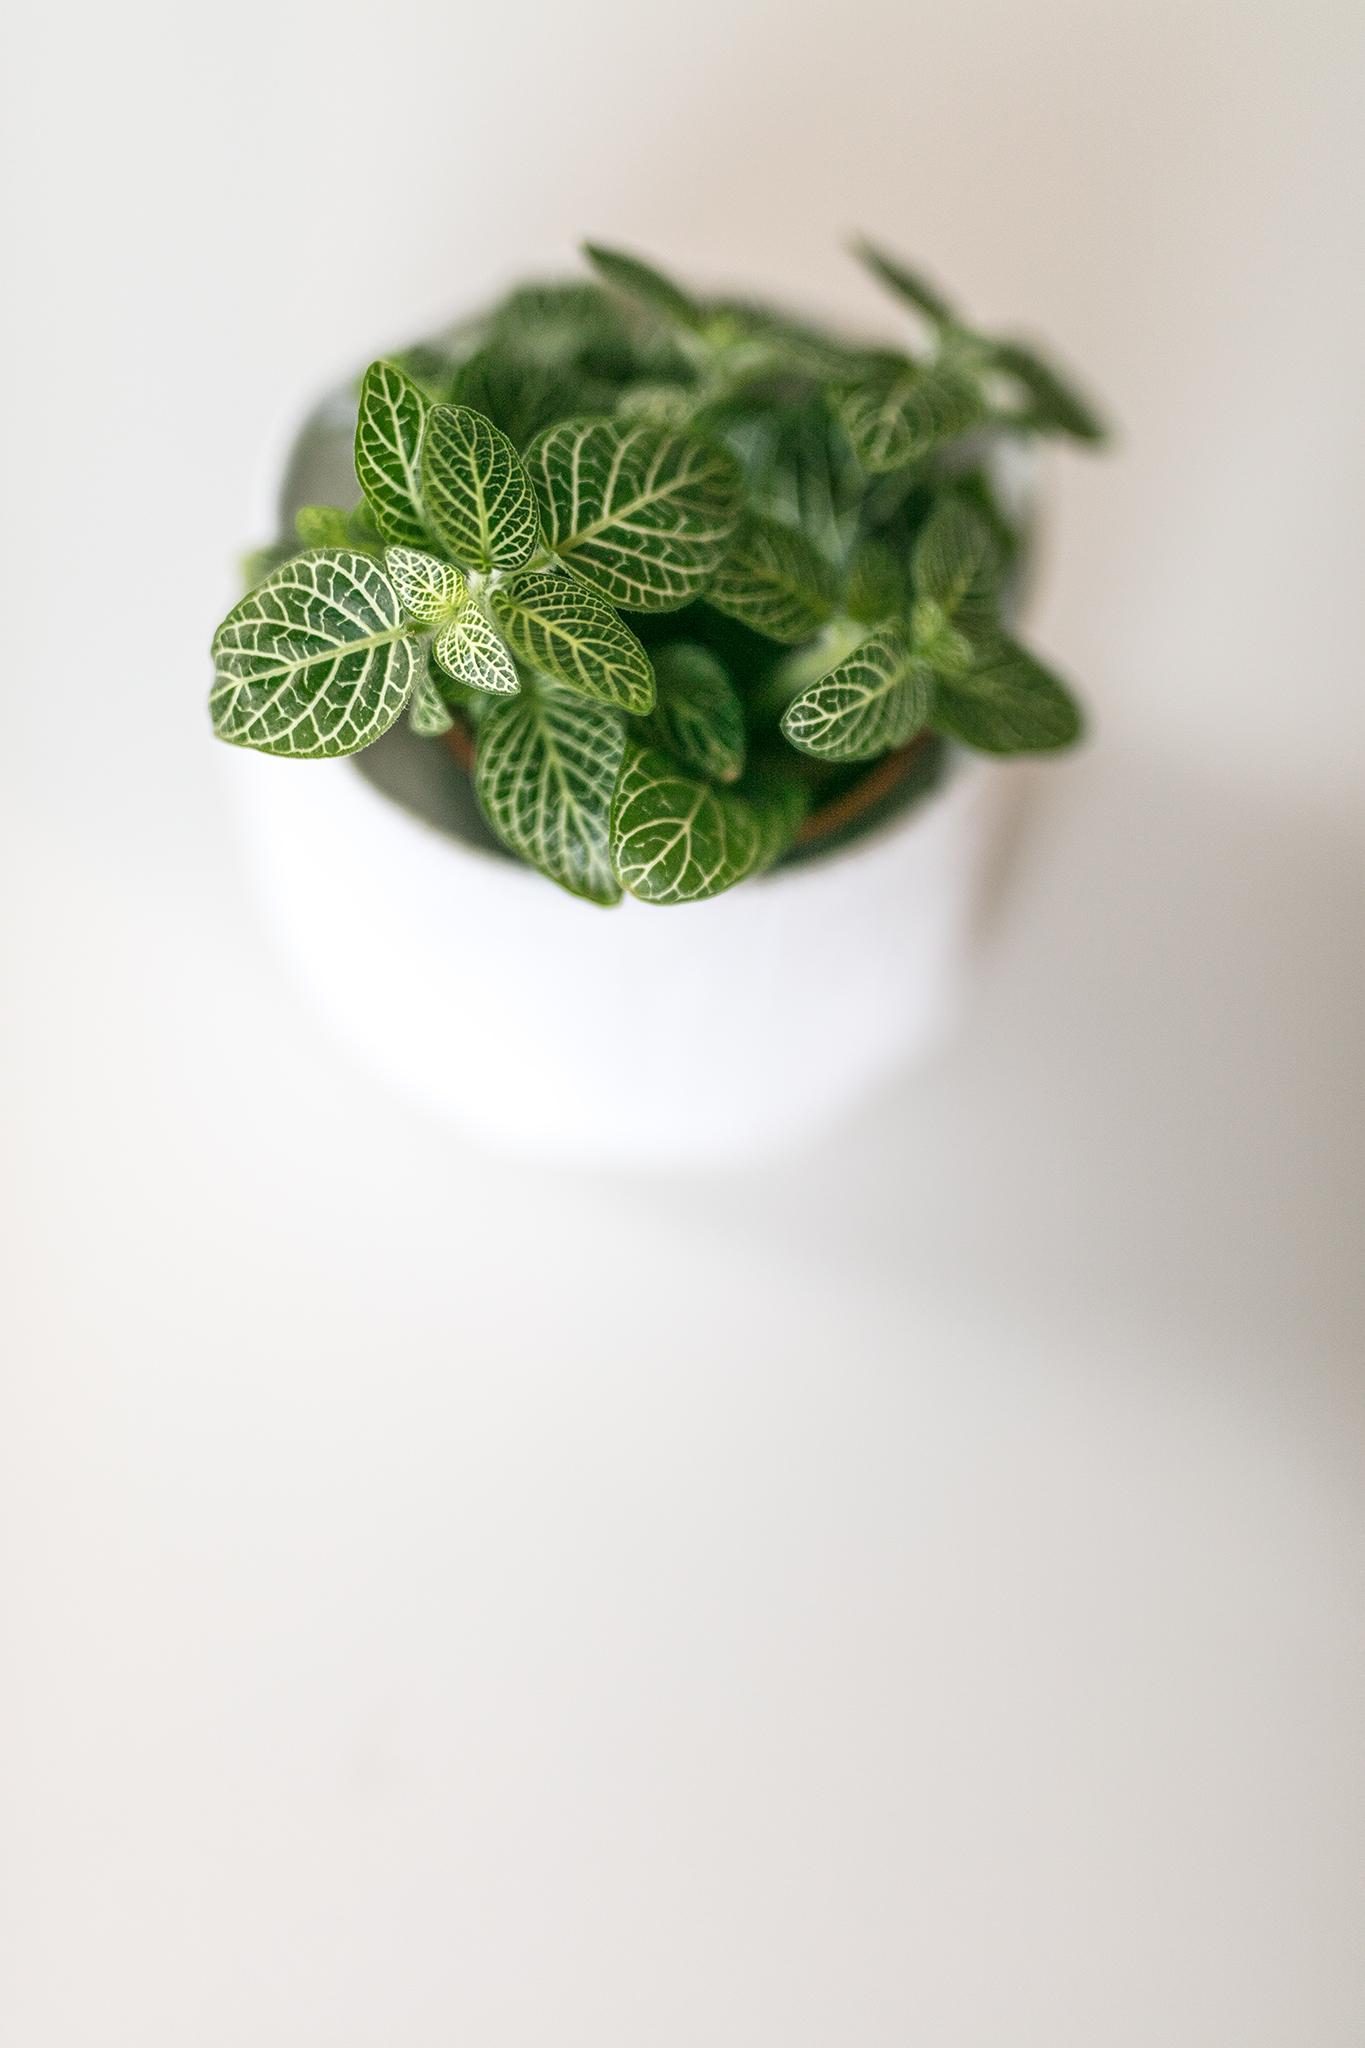 Agencer plusieurs cadres de végétaux